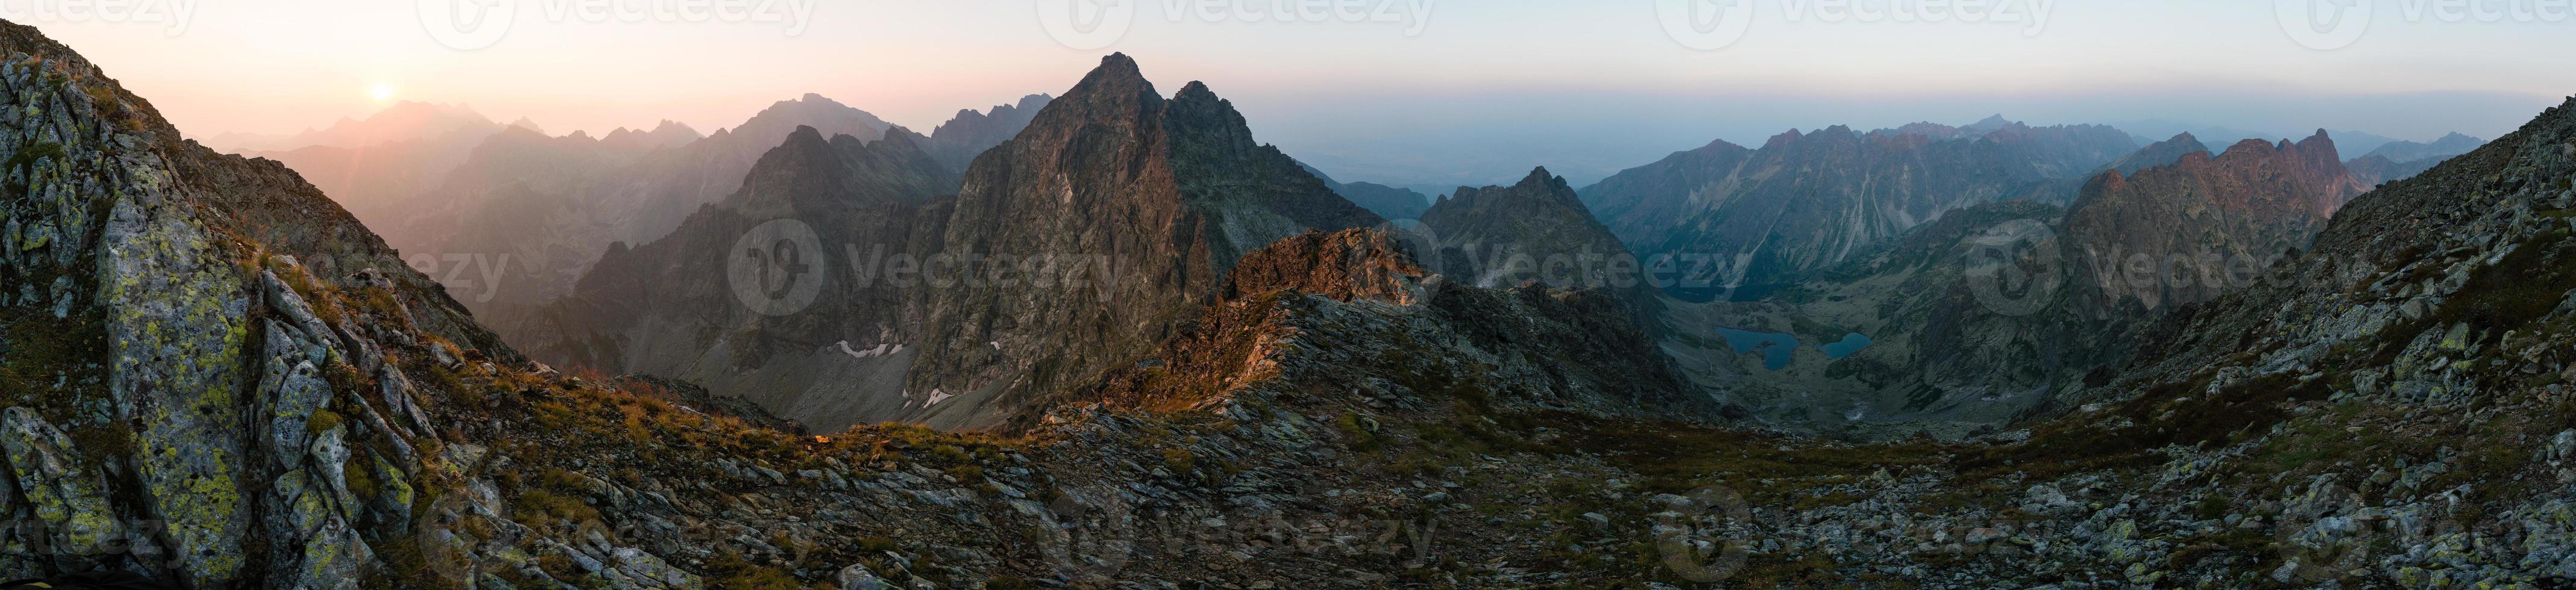 Altos picos tatras desde la cumbre rysy durante el amanecer foto